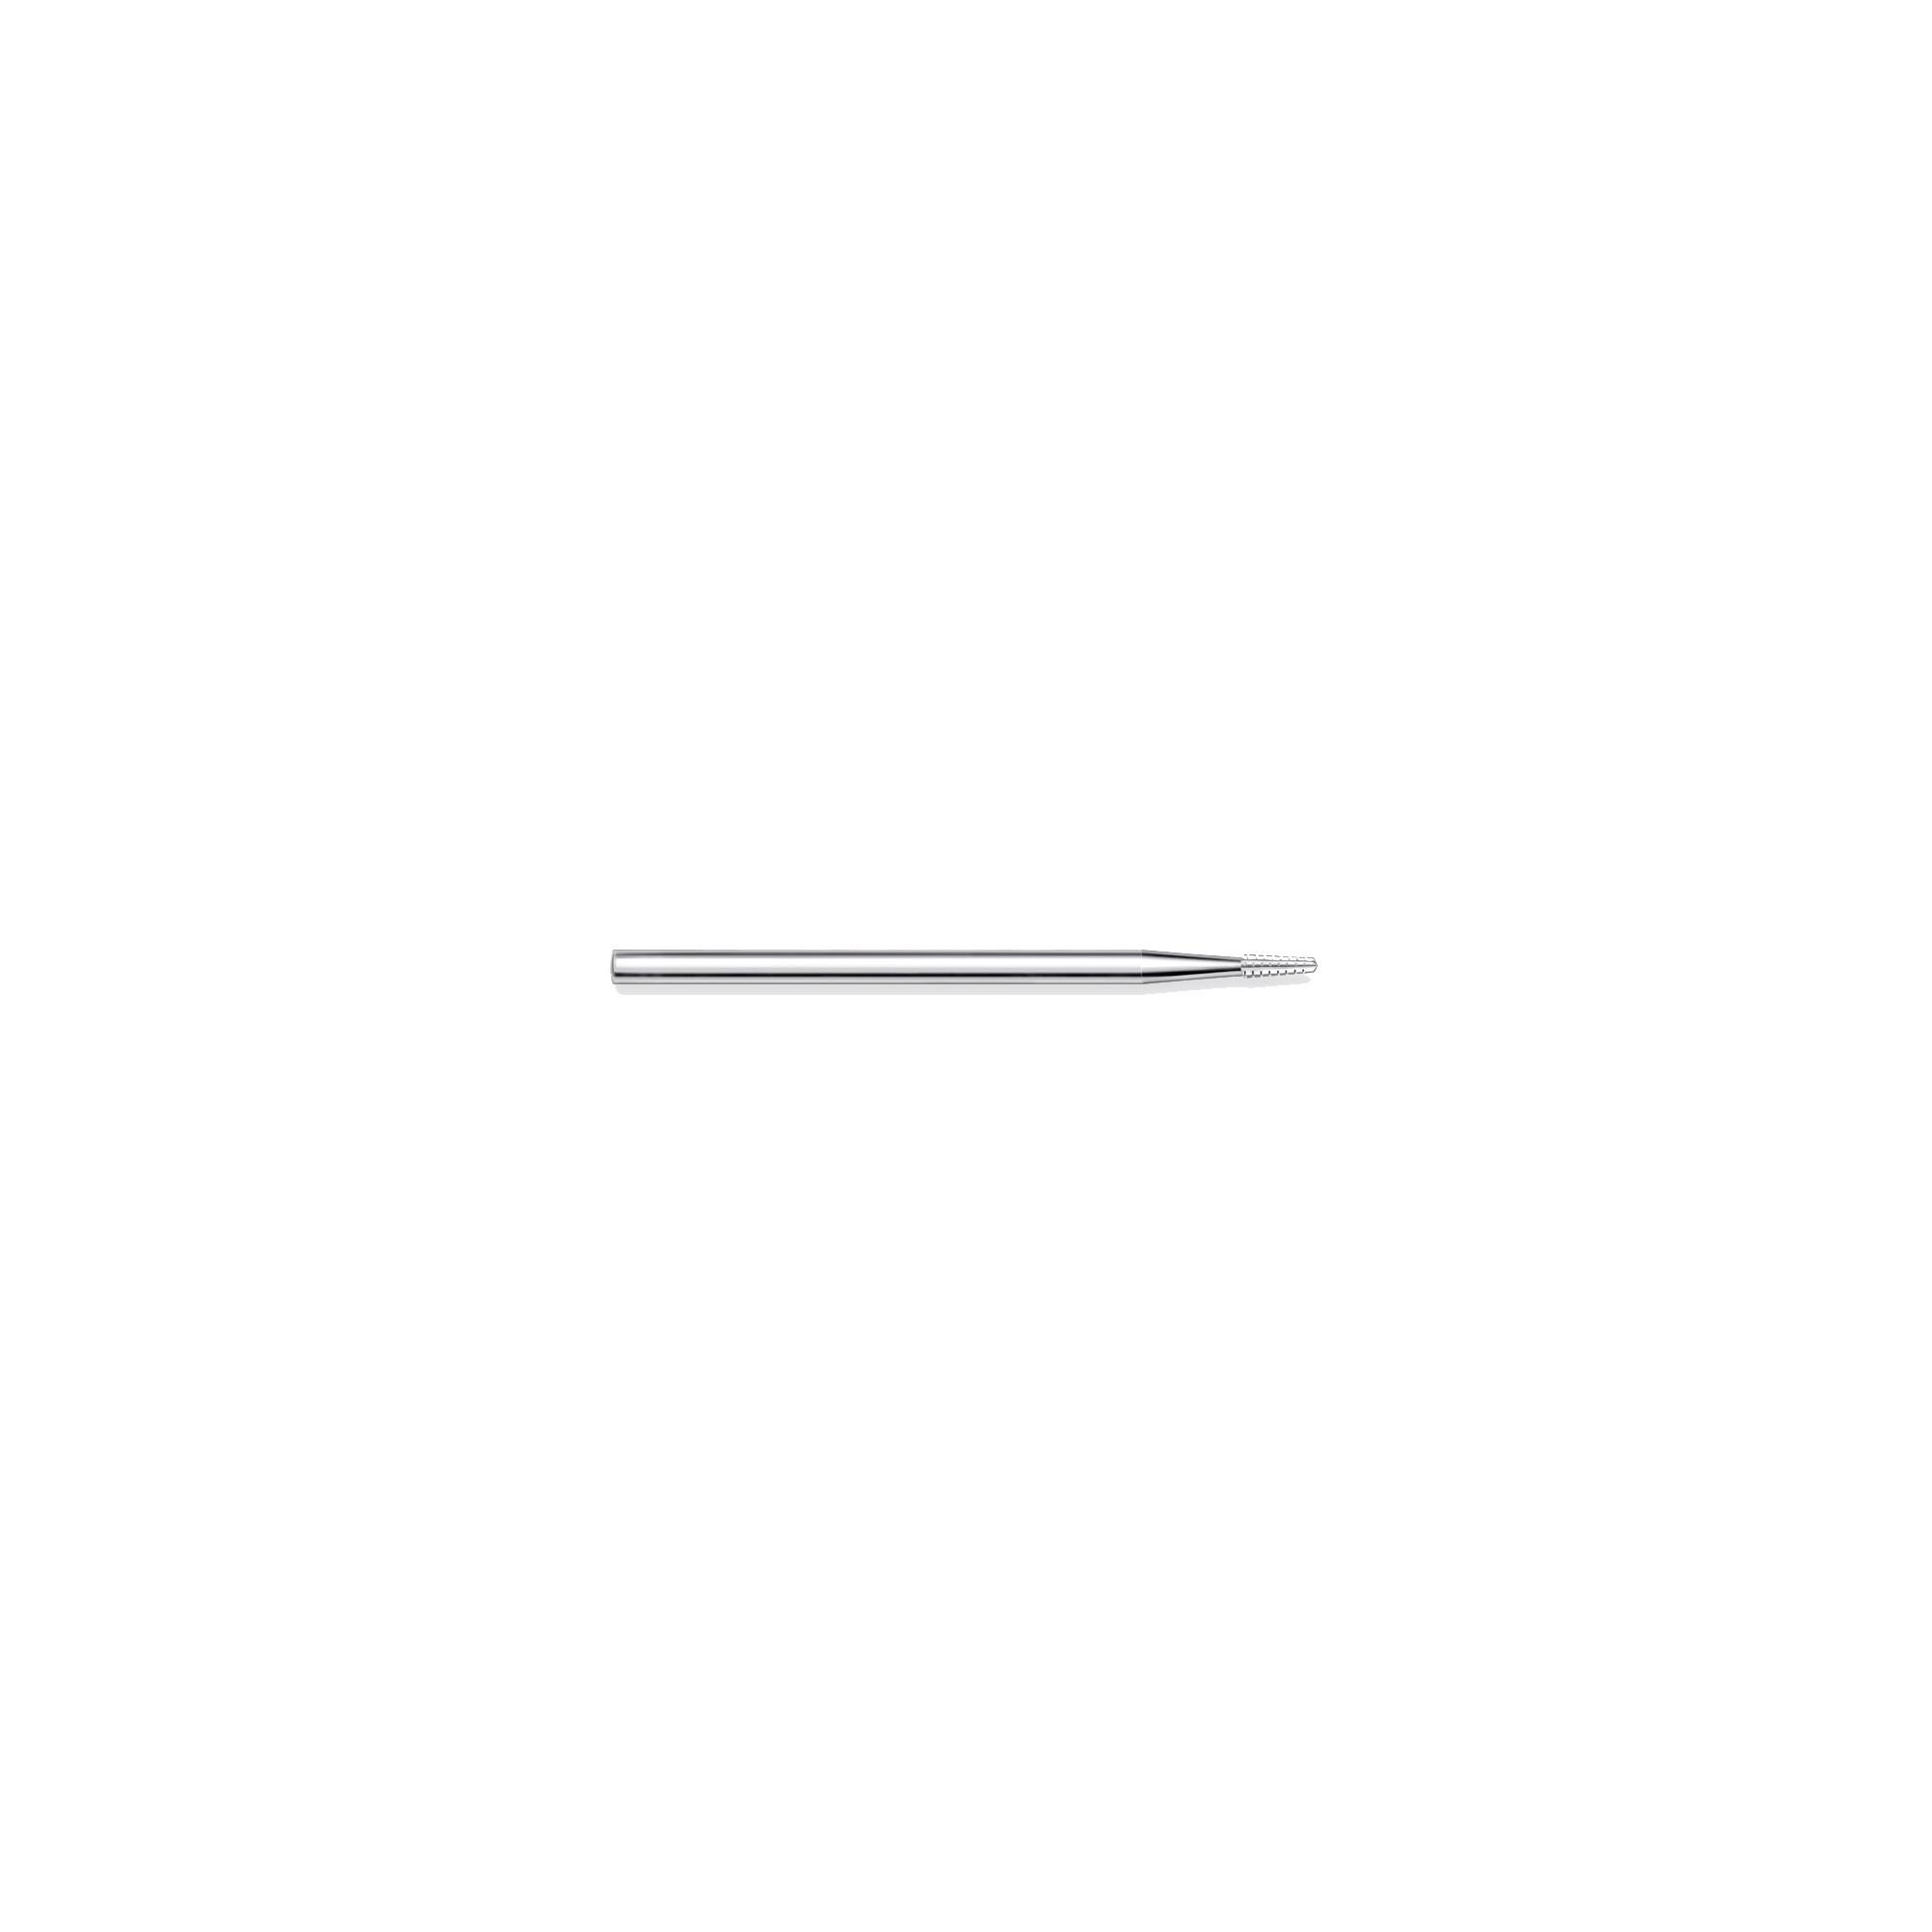 Fraise 39RS - Acier inoxydable - Traitement efficace de l'ongle - 1,8 mm